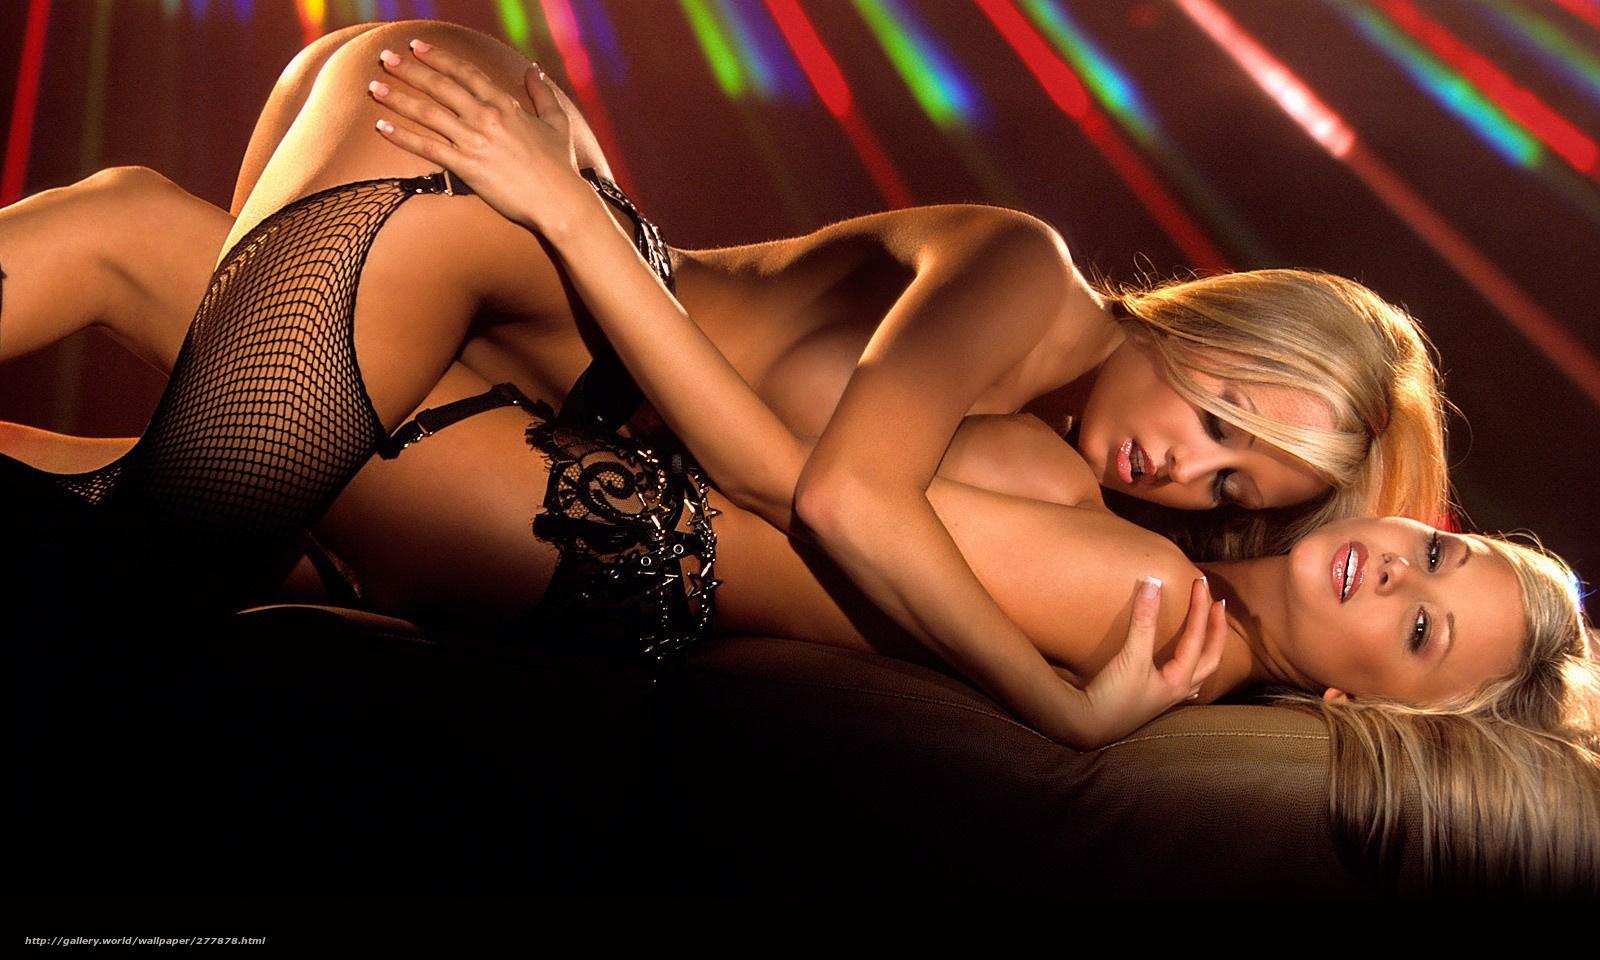 Салон эротического массажа тольятти 12 фотография